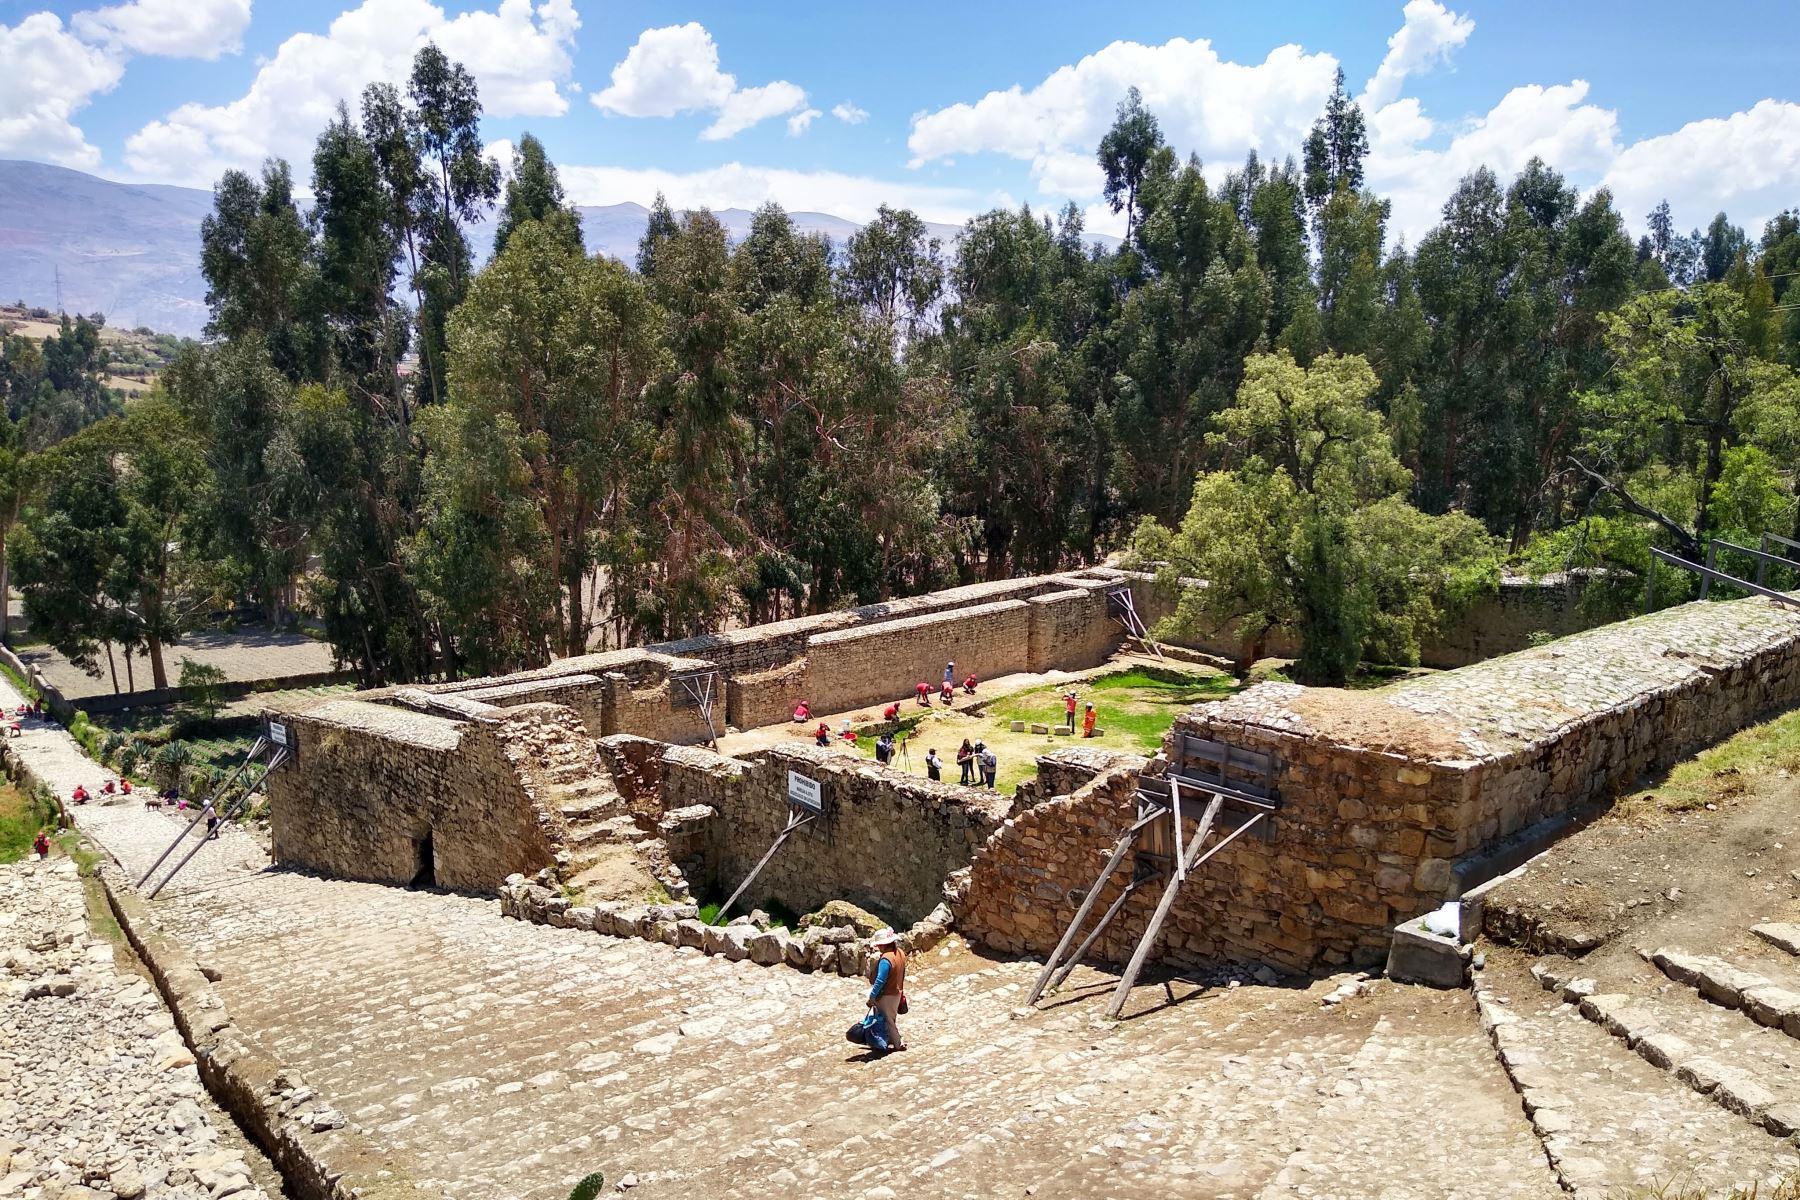 Personal de Trabaja Perú realiza labores de mantenimiento en el complejo arqueológico de Wariwillka, al sur de Huancayo. / Foto: Pedro Tinoco M.